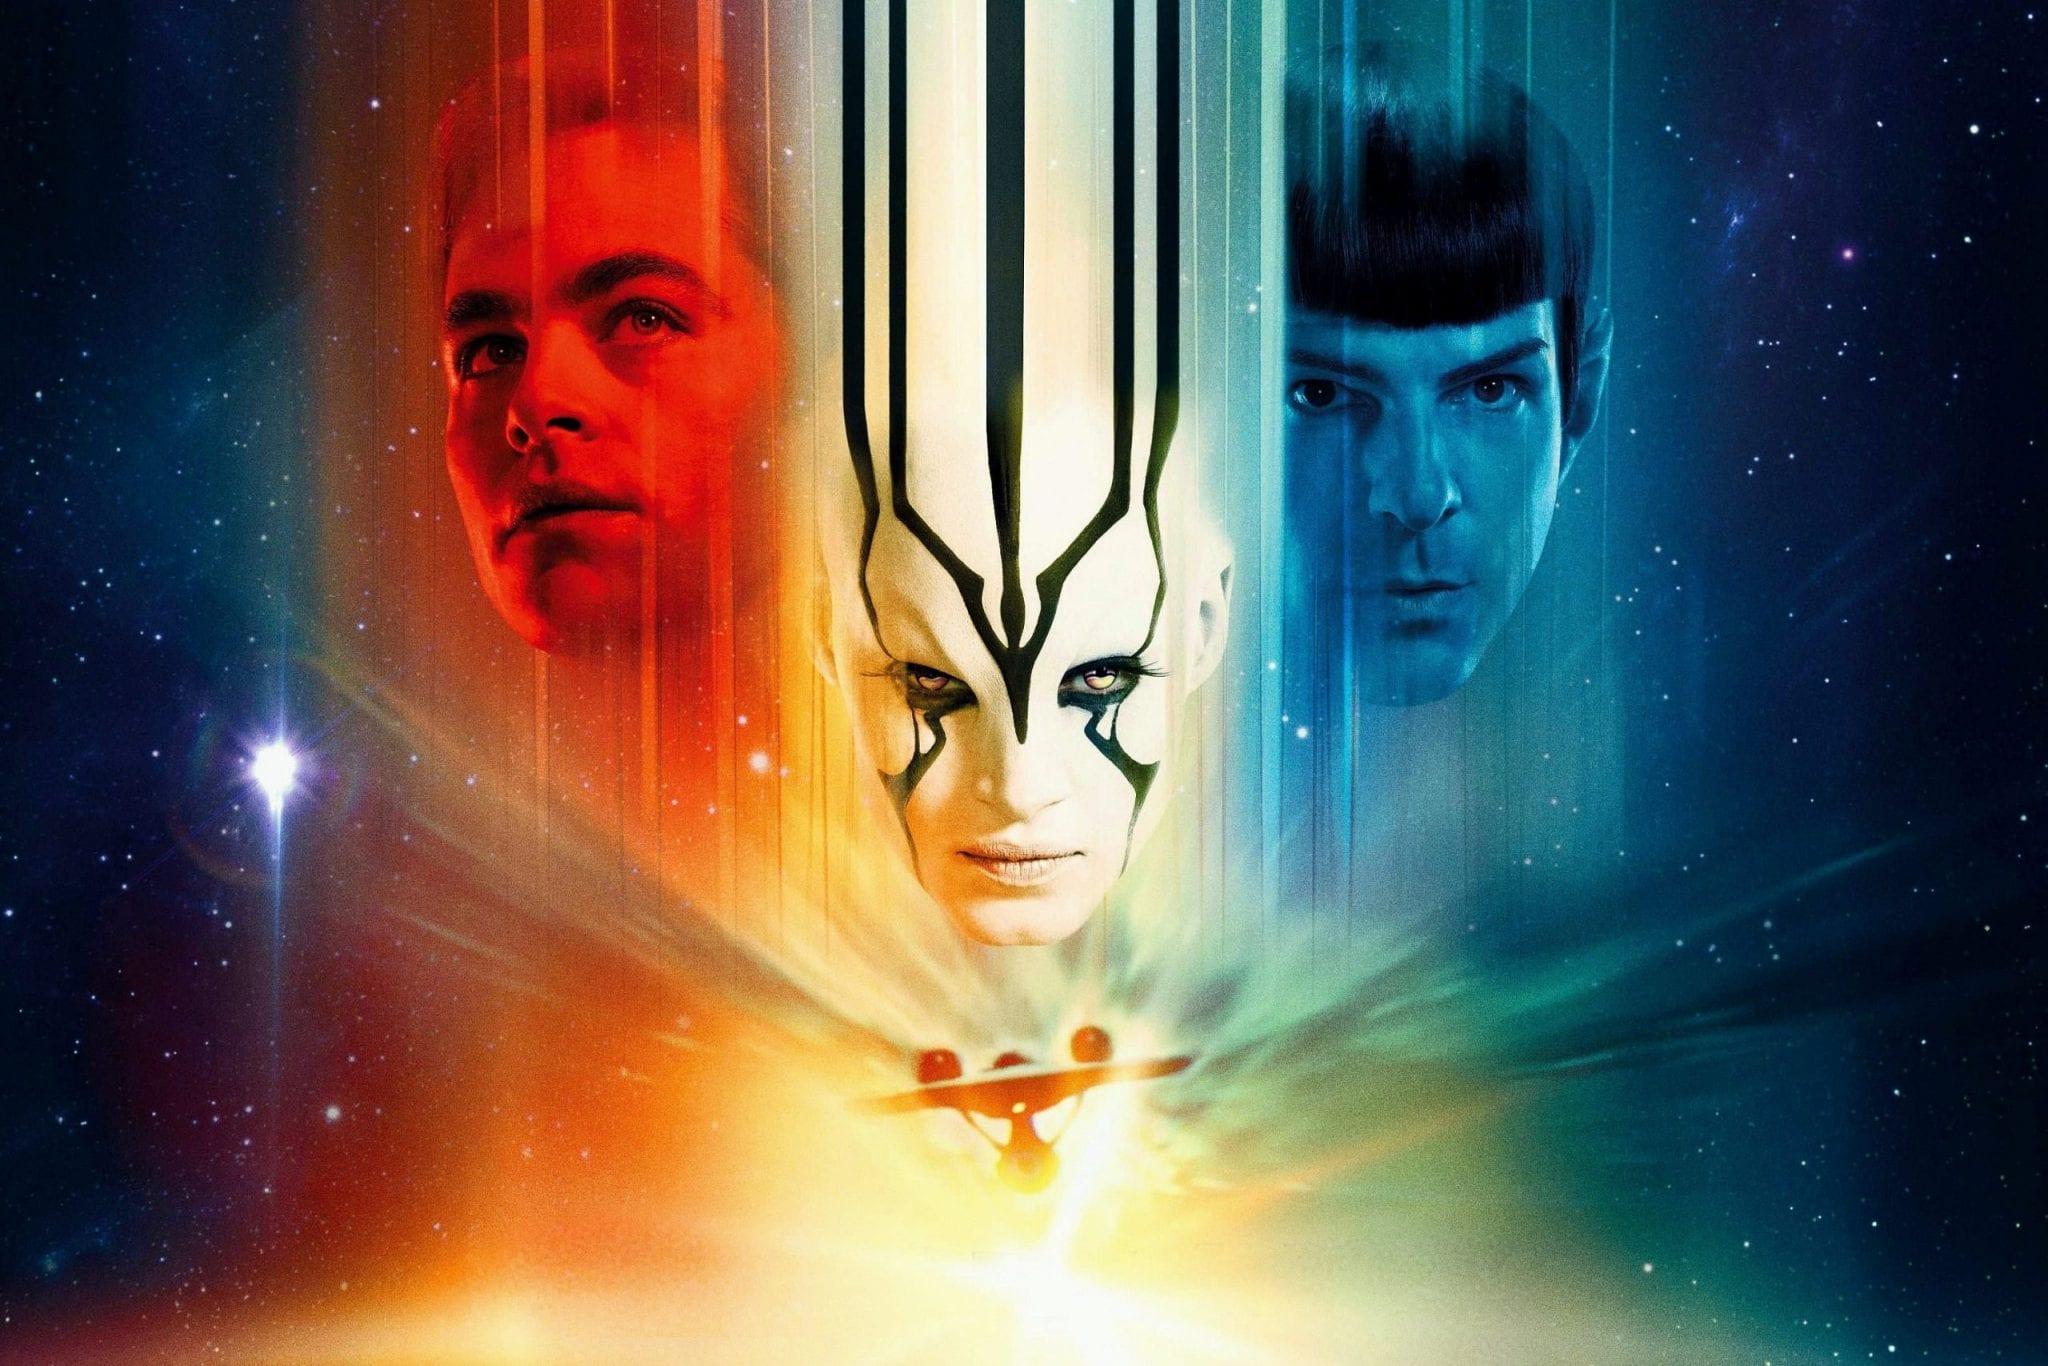 TuttalaTivu · GuidaTV 23 Maggio 2020: Parte Ciao Darwin 7 (Speciale Copio Share), tra Soliti Ignoti Special Vip Rewind, Rio 2 e Star Trek Beyond